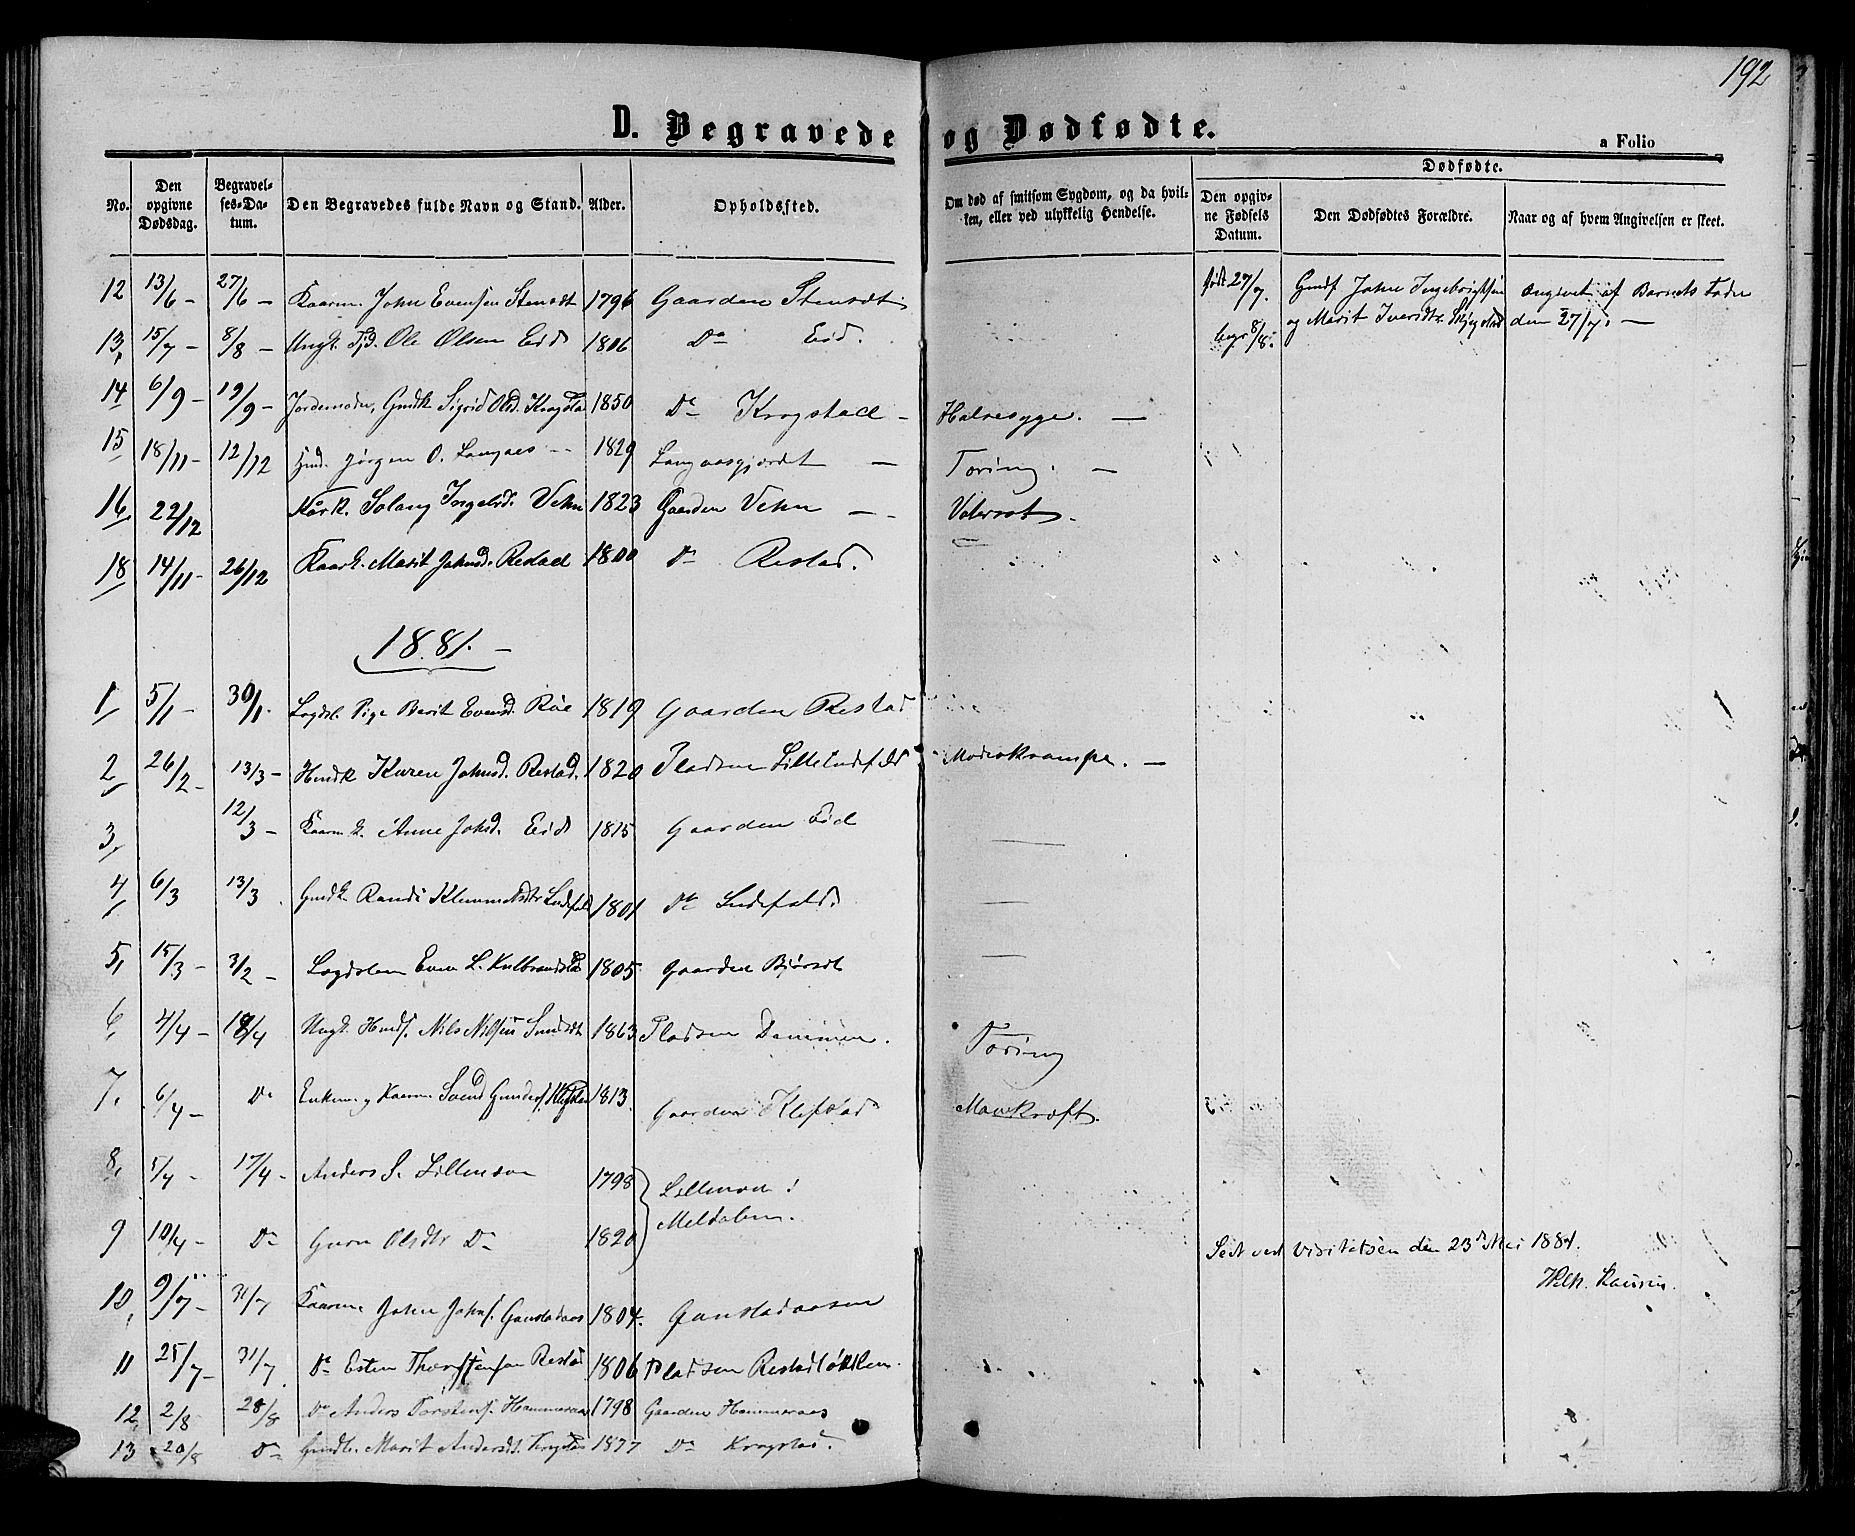 SAT, Ministerialprotokoller, klokkerbøker og fødselsregistre - Sør-Trøndelag, 694/L1131: Klokkerbok nr. 694C03, 1858-1886, s. 192